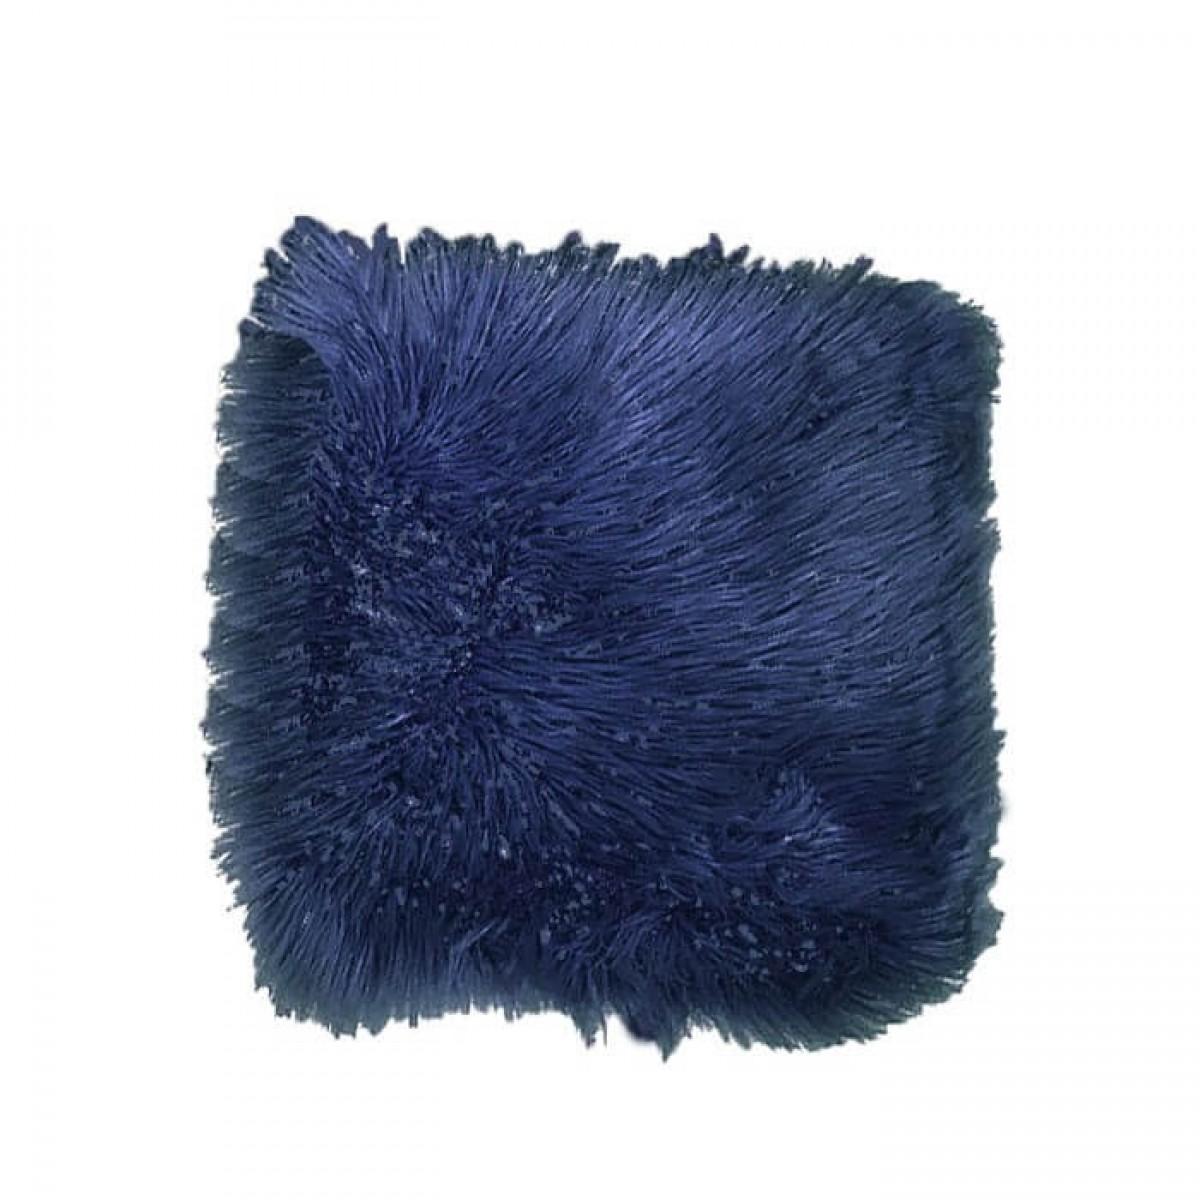 DACORE Sædehynde imiteret lammeskind blå 40 x 40 cm.